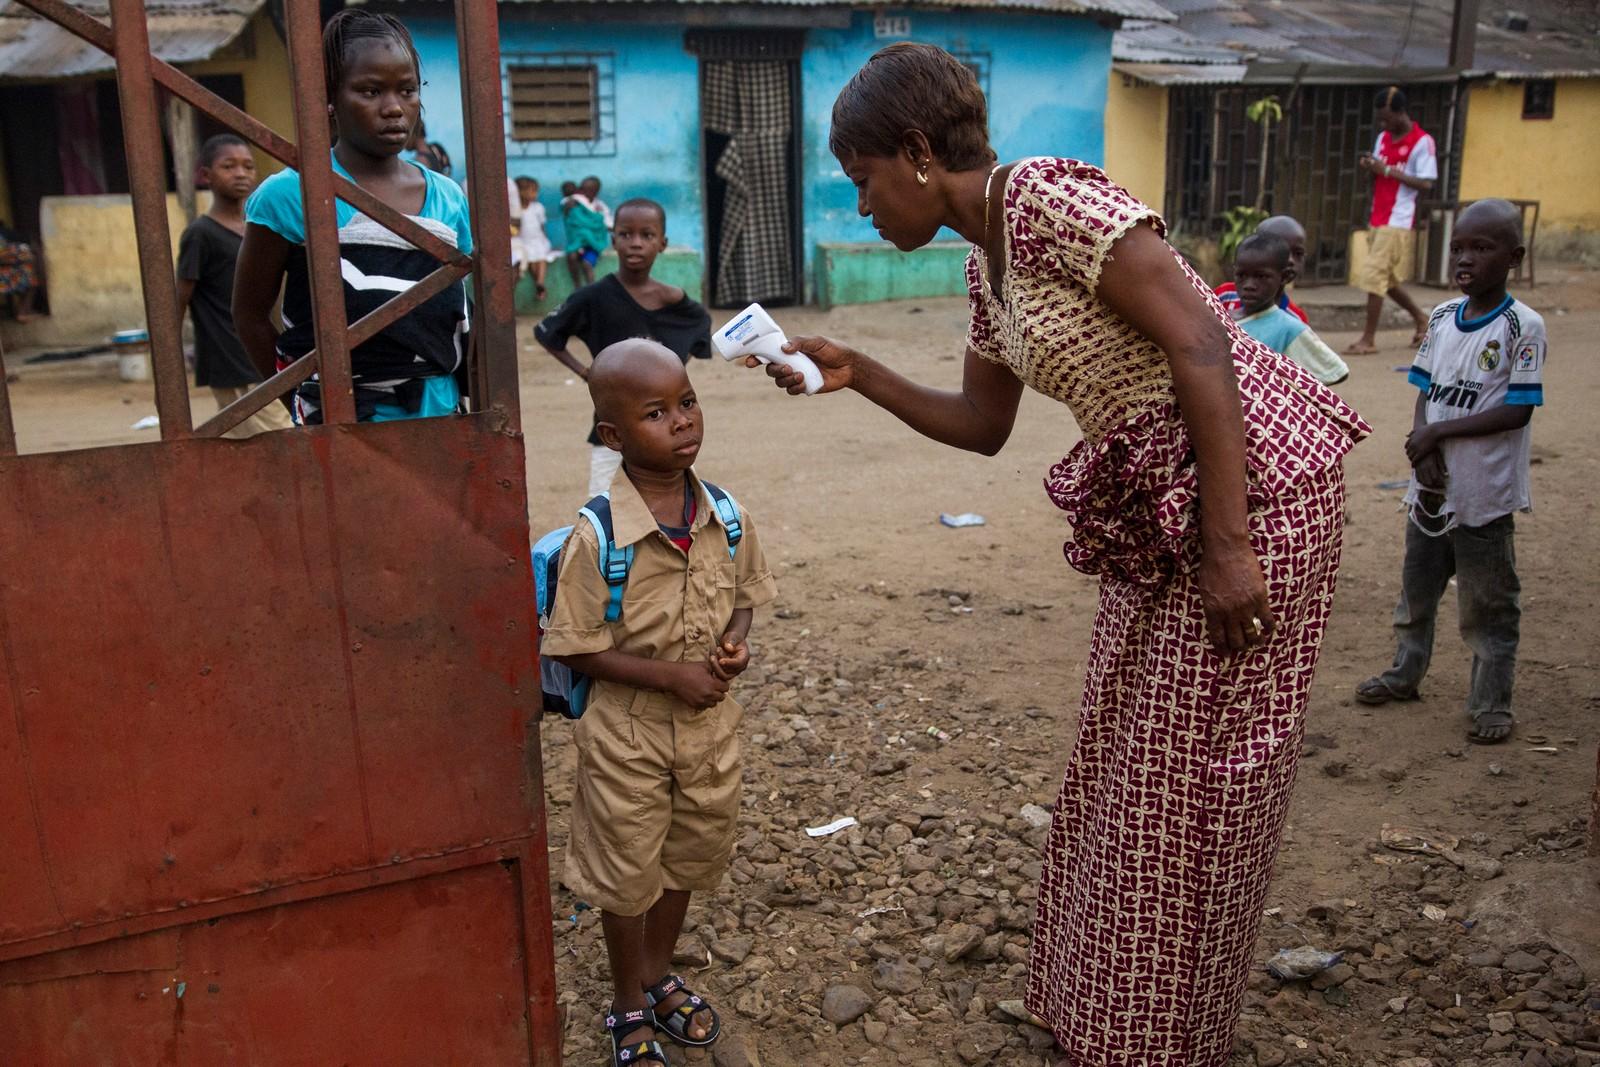 En kvinne måler temperaturen på et barn som ankommer Coleyah Centre Primary School, i Conakry i Guinea, for å passe på at barna ikke smitter hverandre med blant annet Ebola. Fotografert januar 2015.